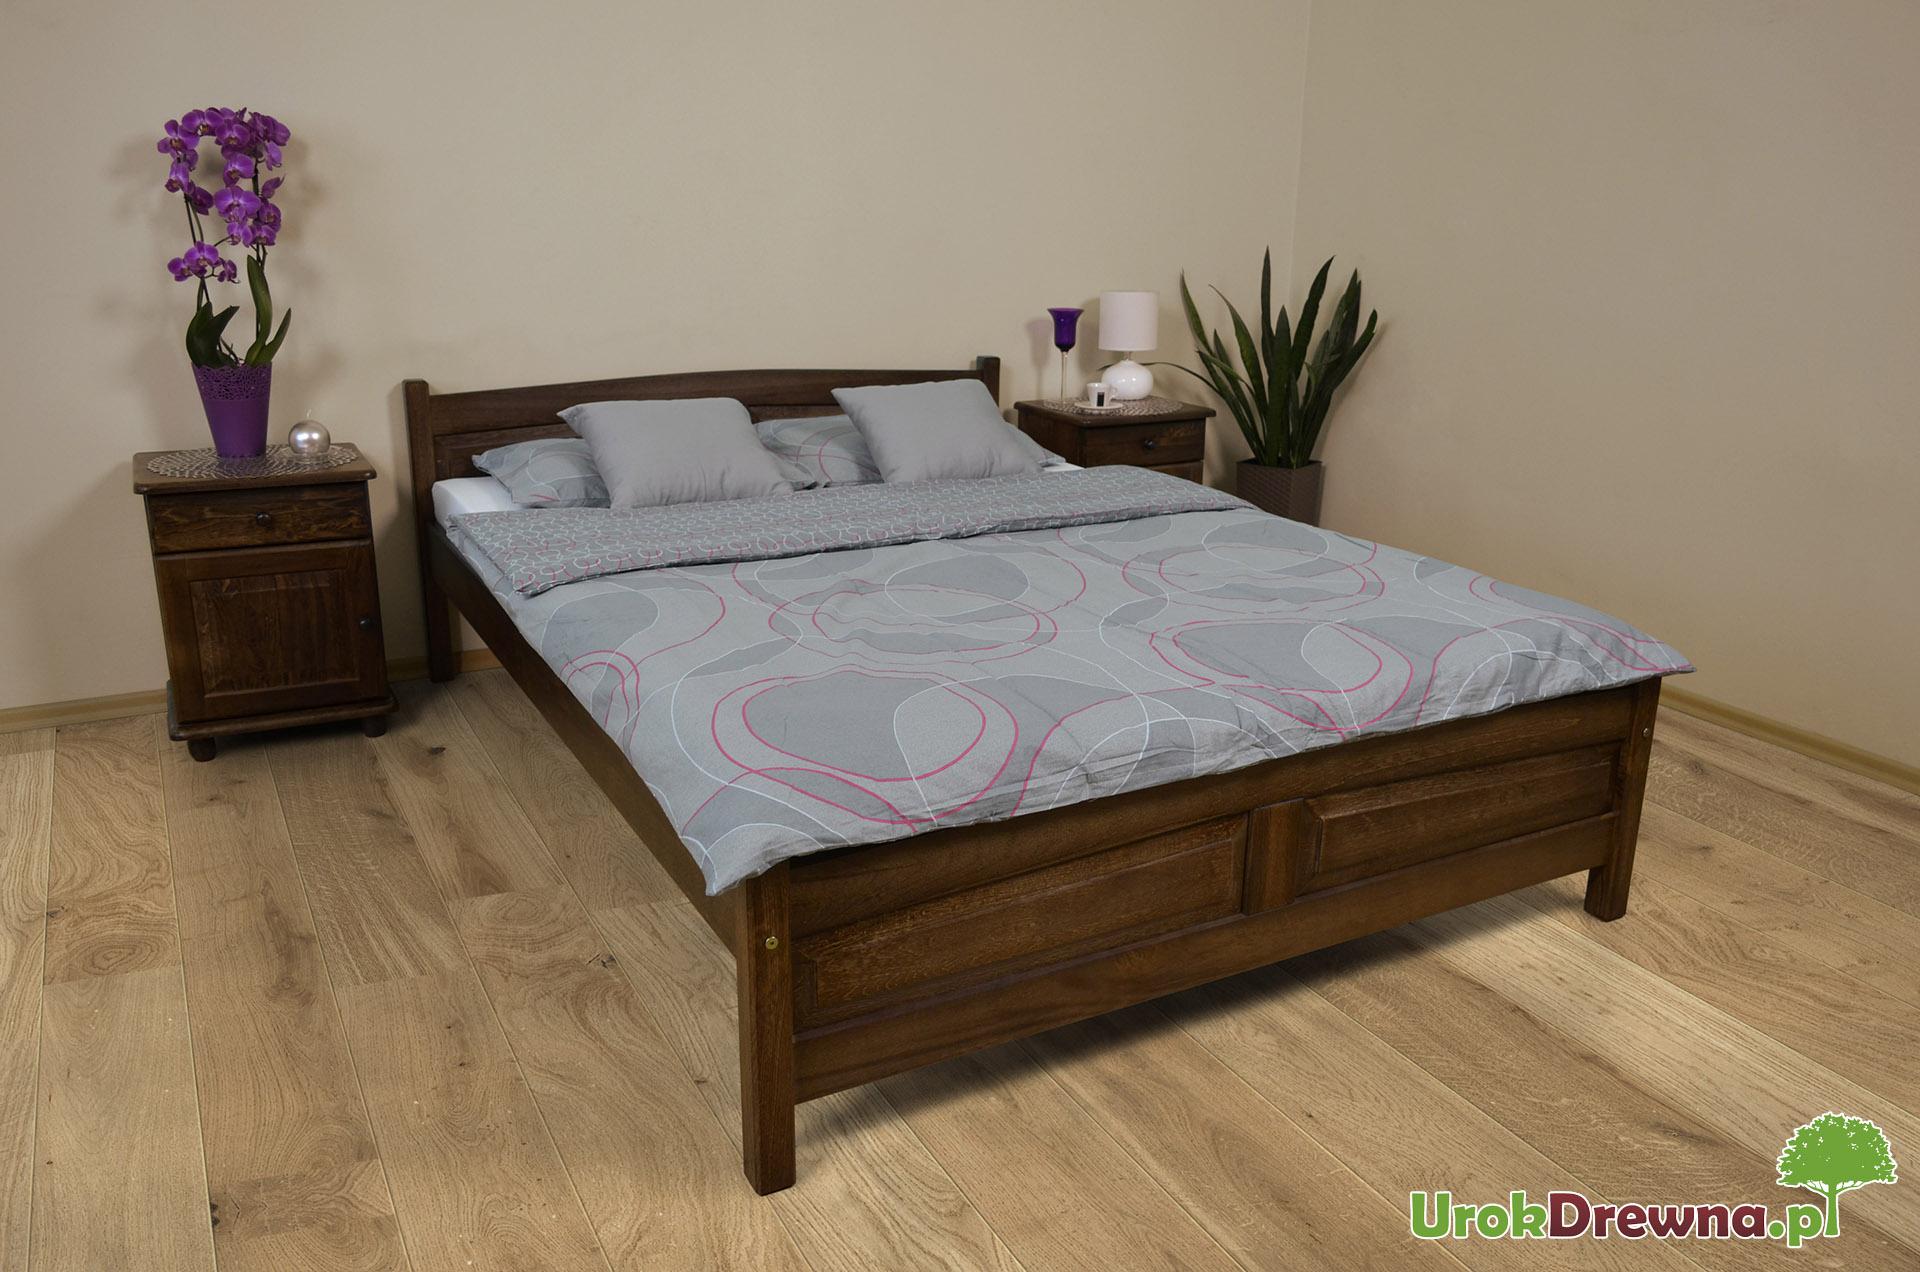 łóżko Drewniane Bukowe Filonek 180 X 200 Urokdrewnapl Meble